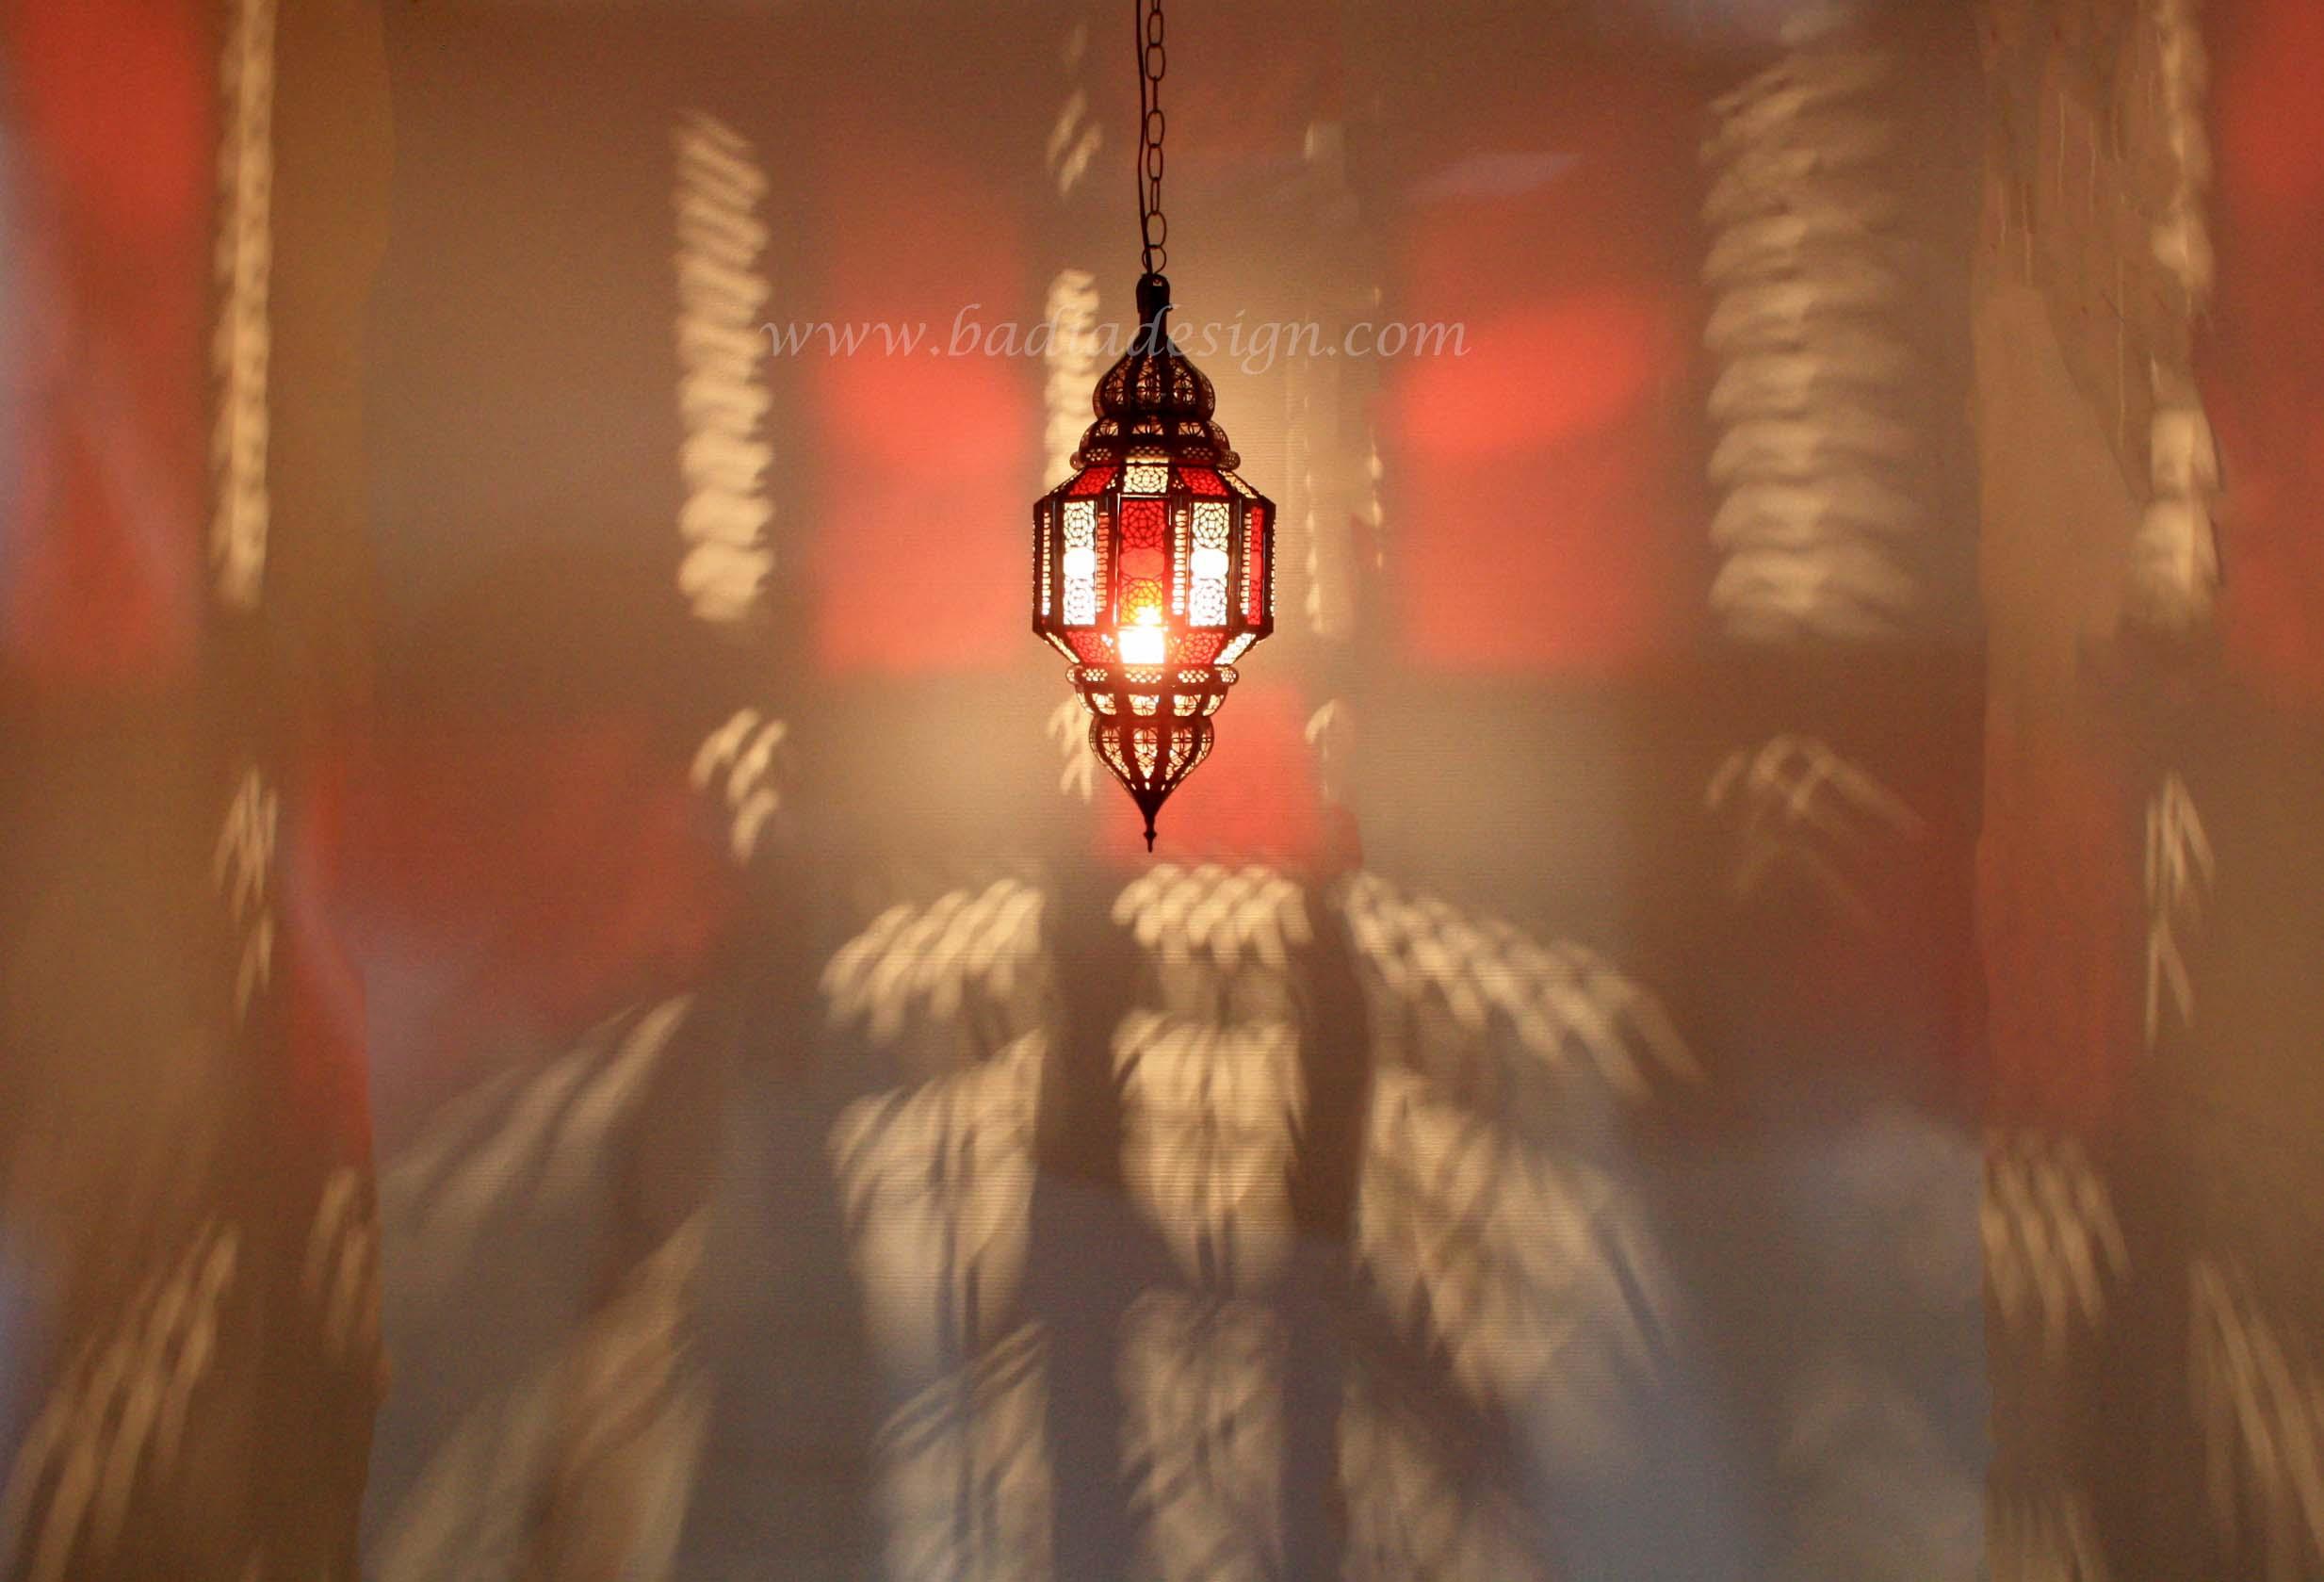 moroccan-hanging-glass-lantern-lig285-1.jpg